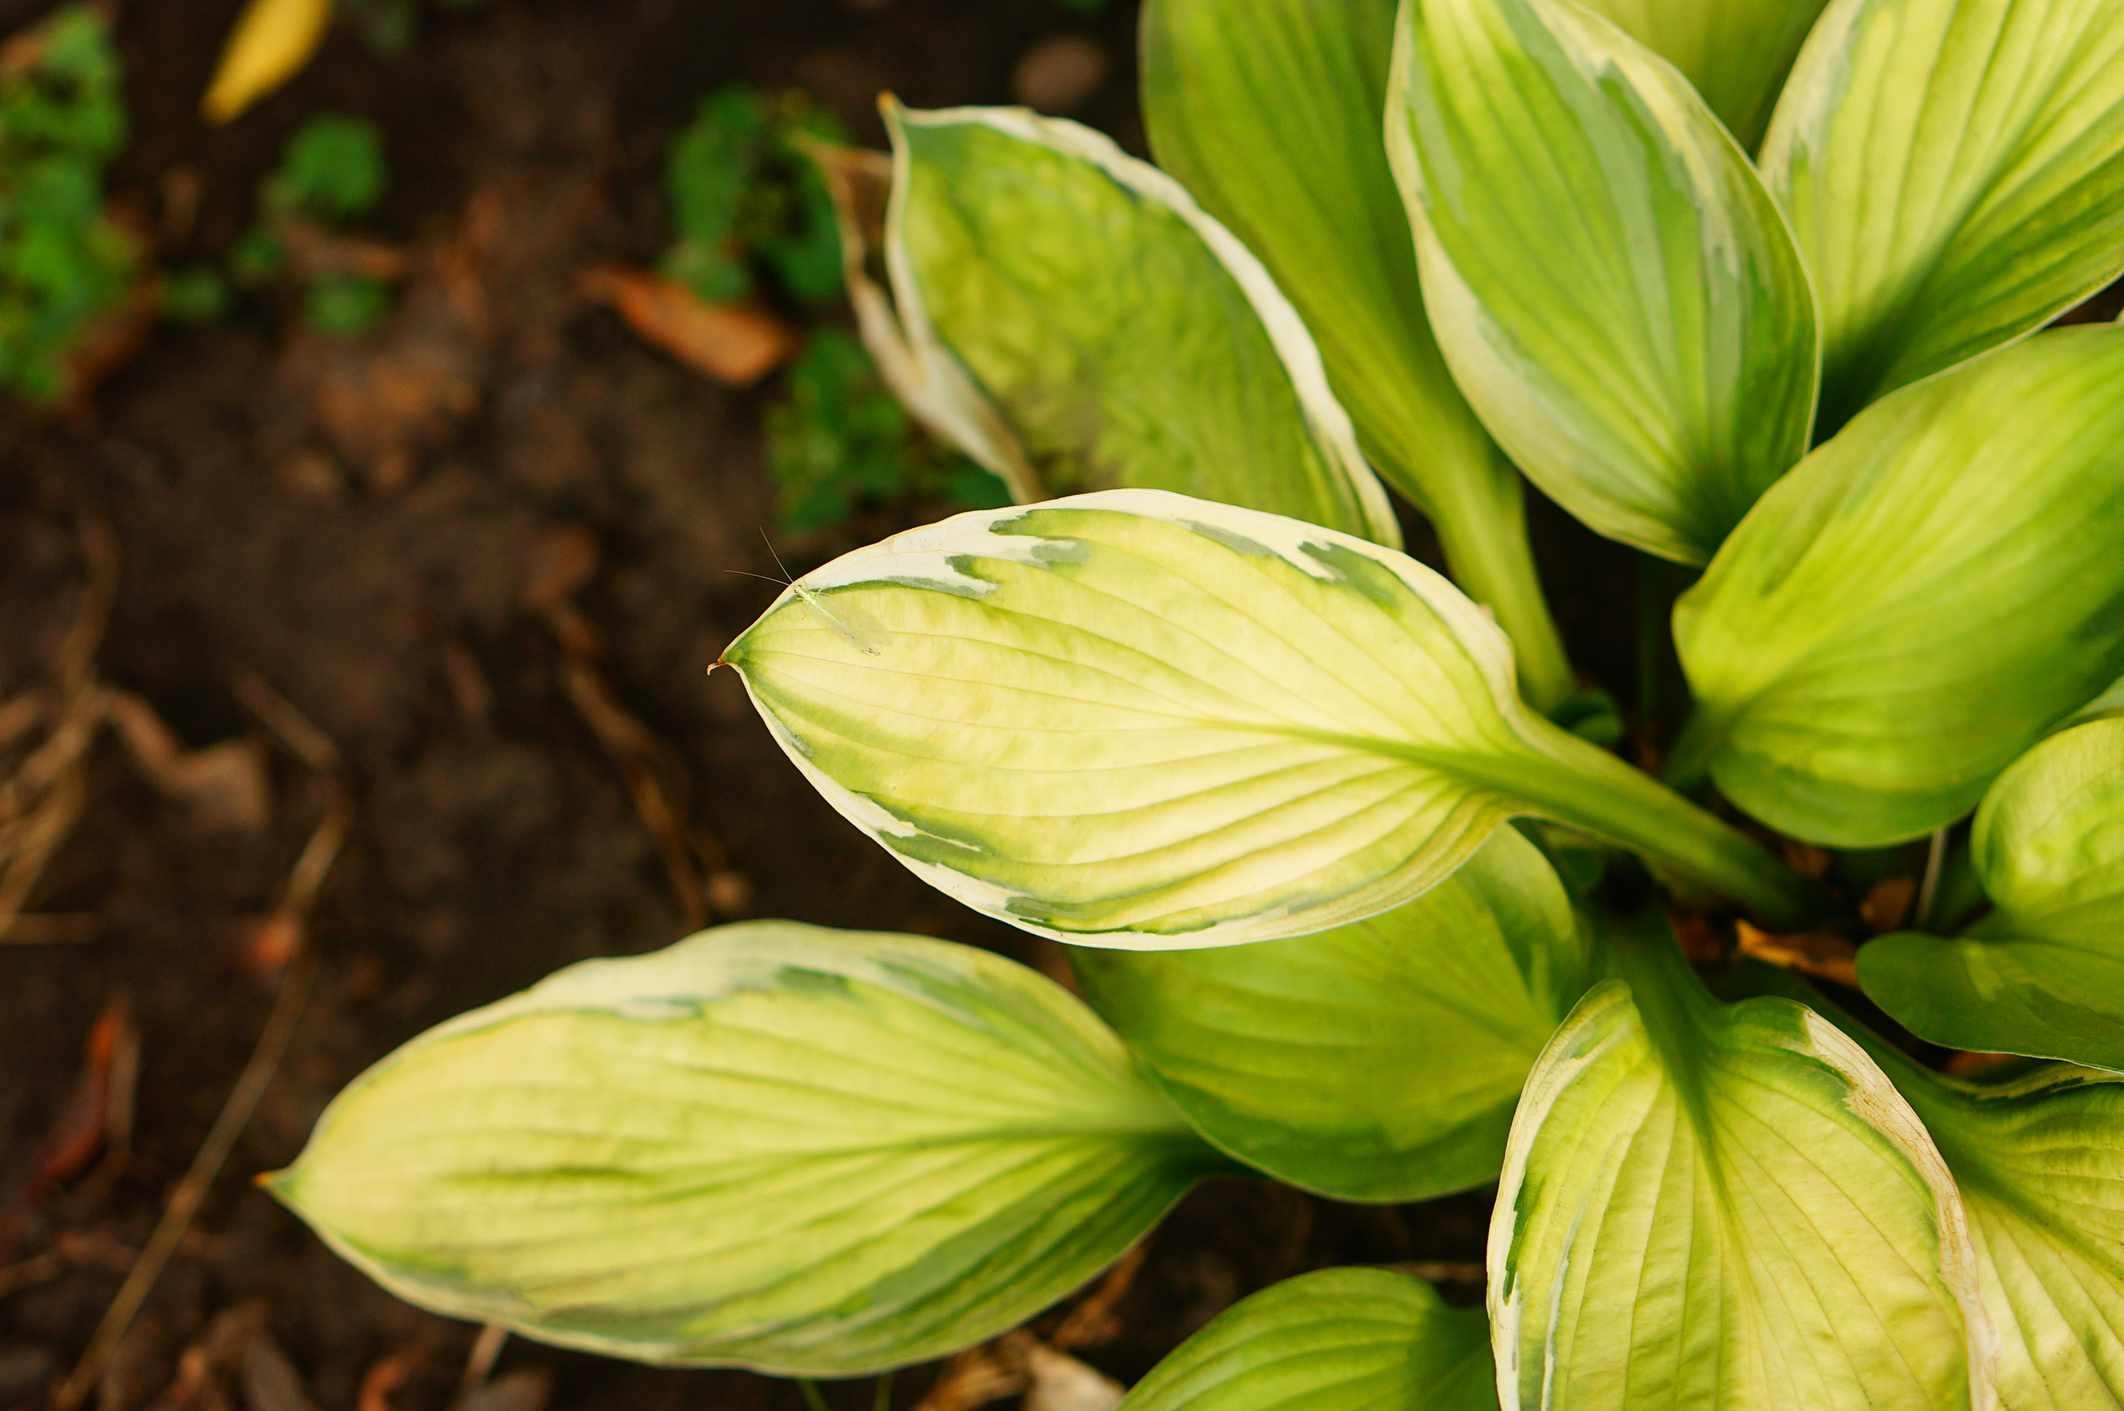 Hosta plant 'Captain's Adventure' in summer cottage garden